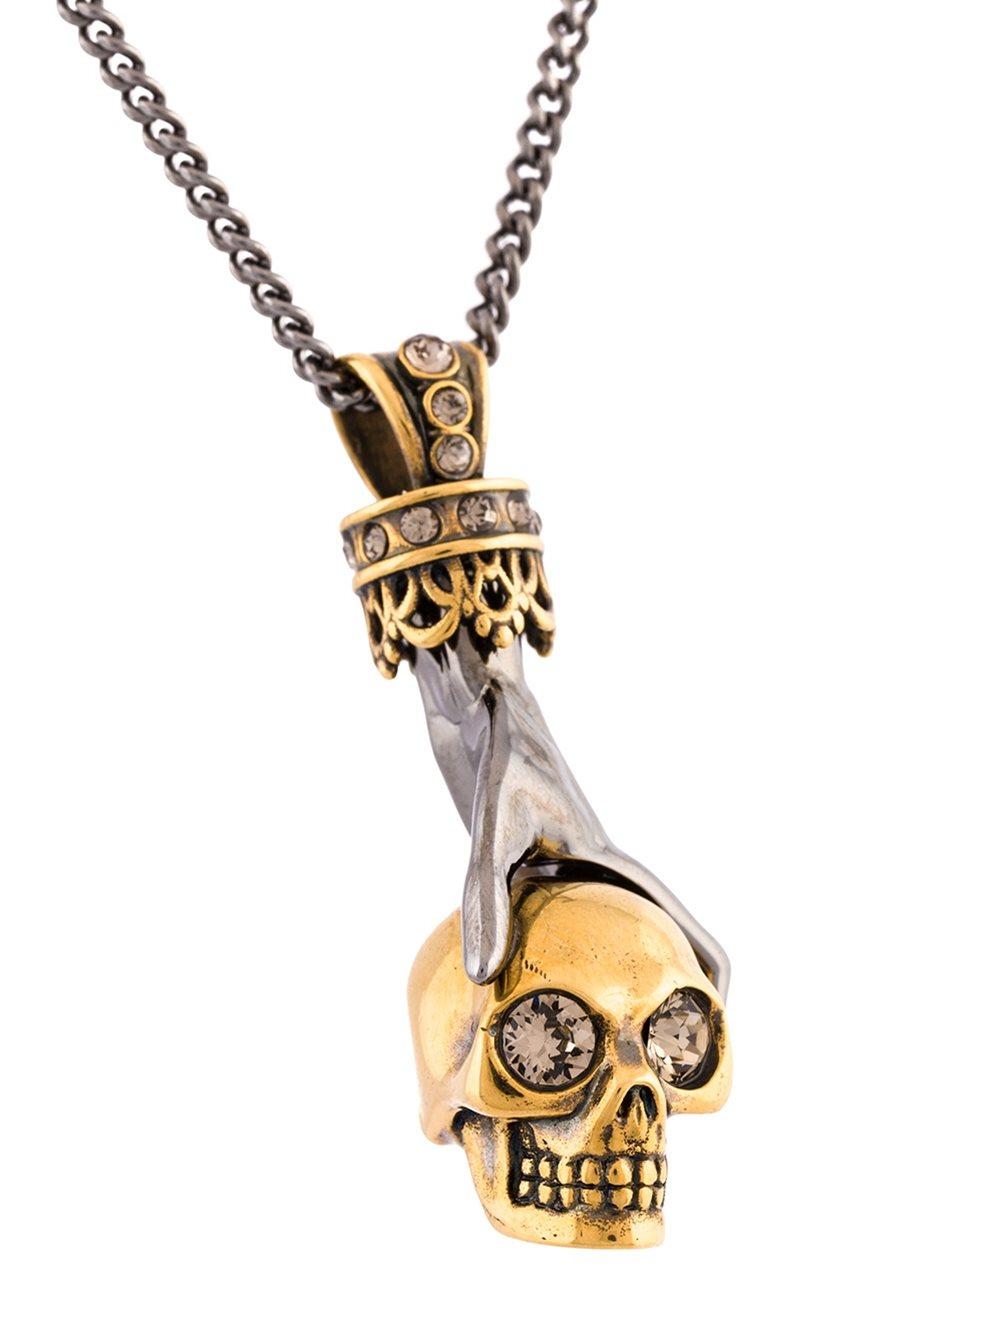 Alexander McQueen Hand And Skul Pendant Necklace in Metallic